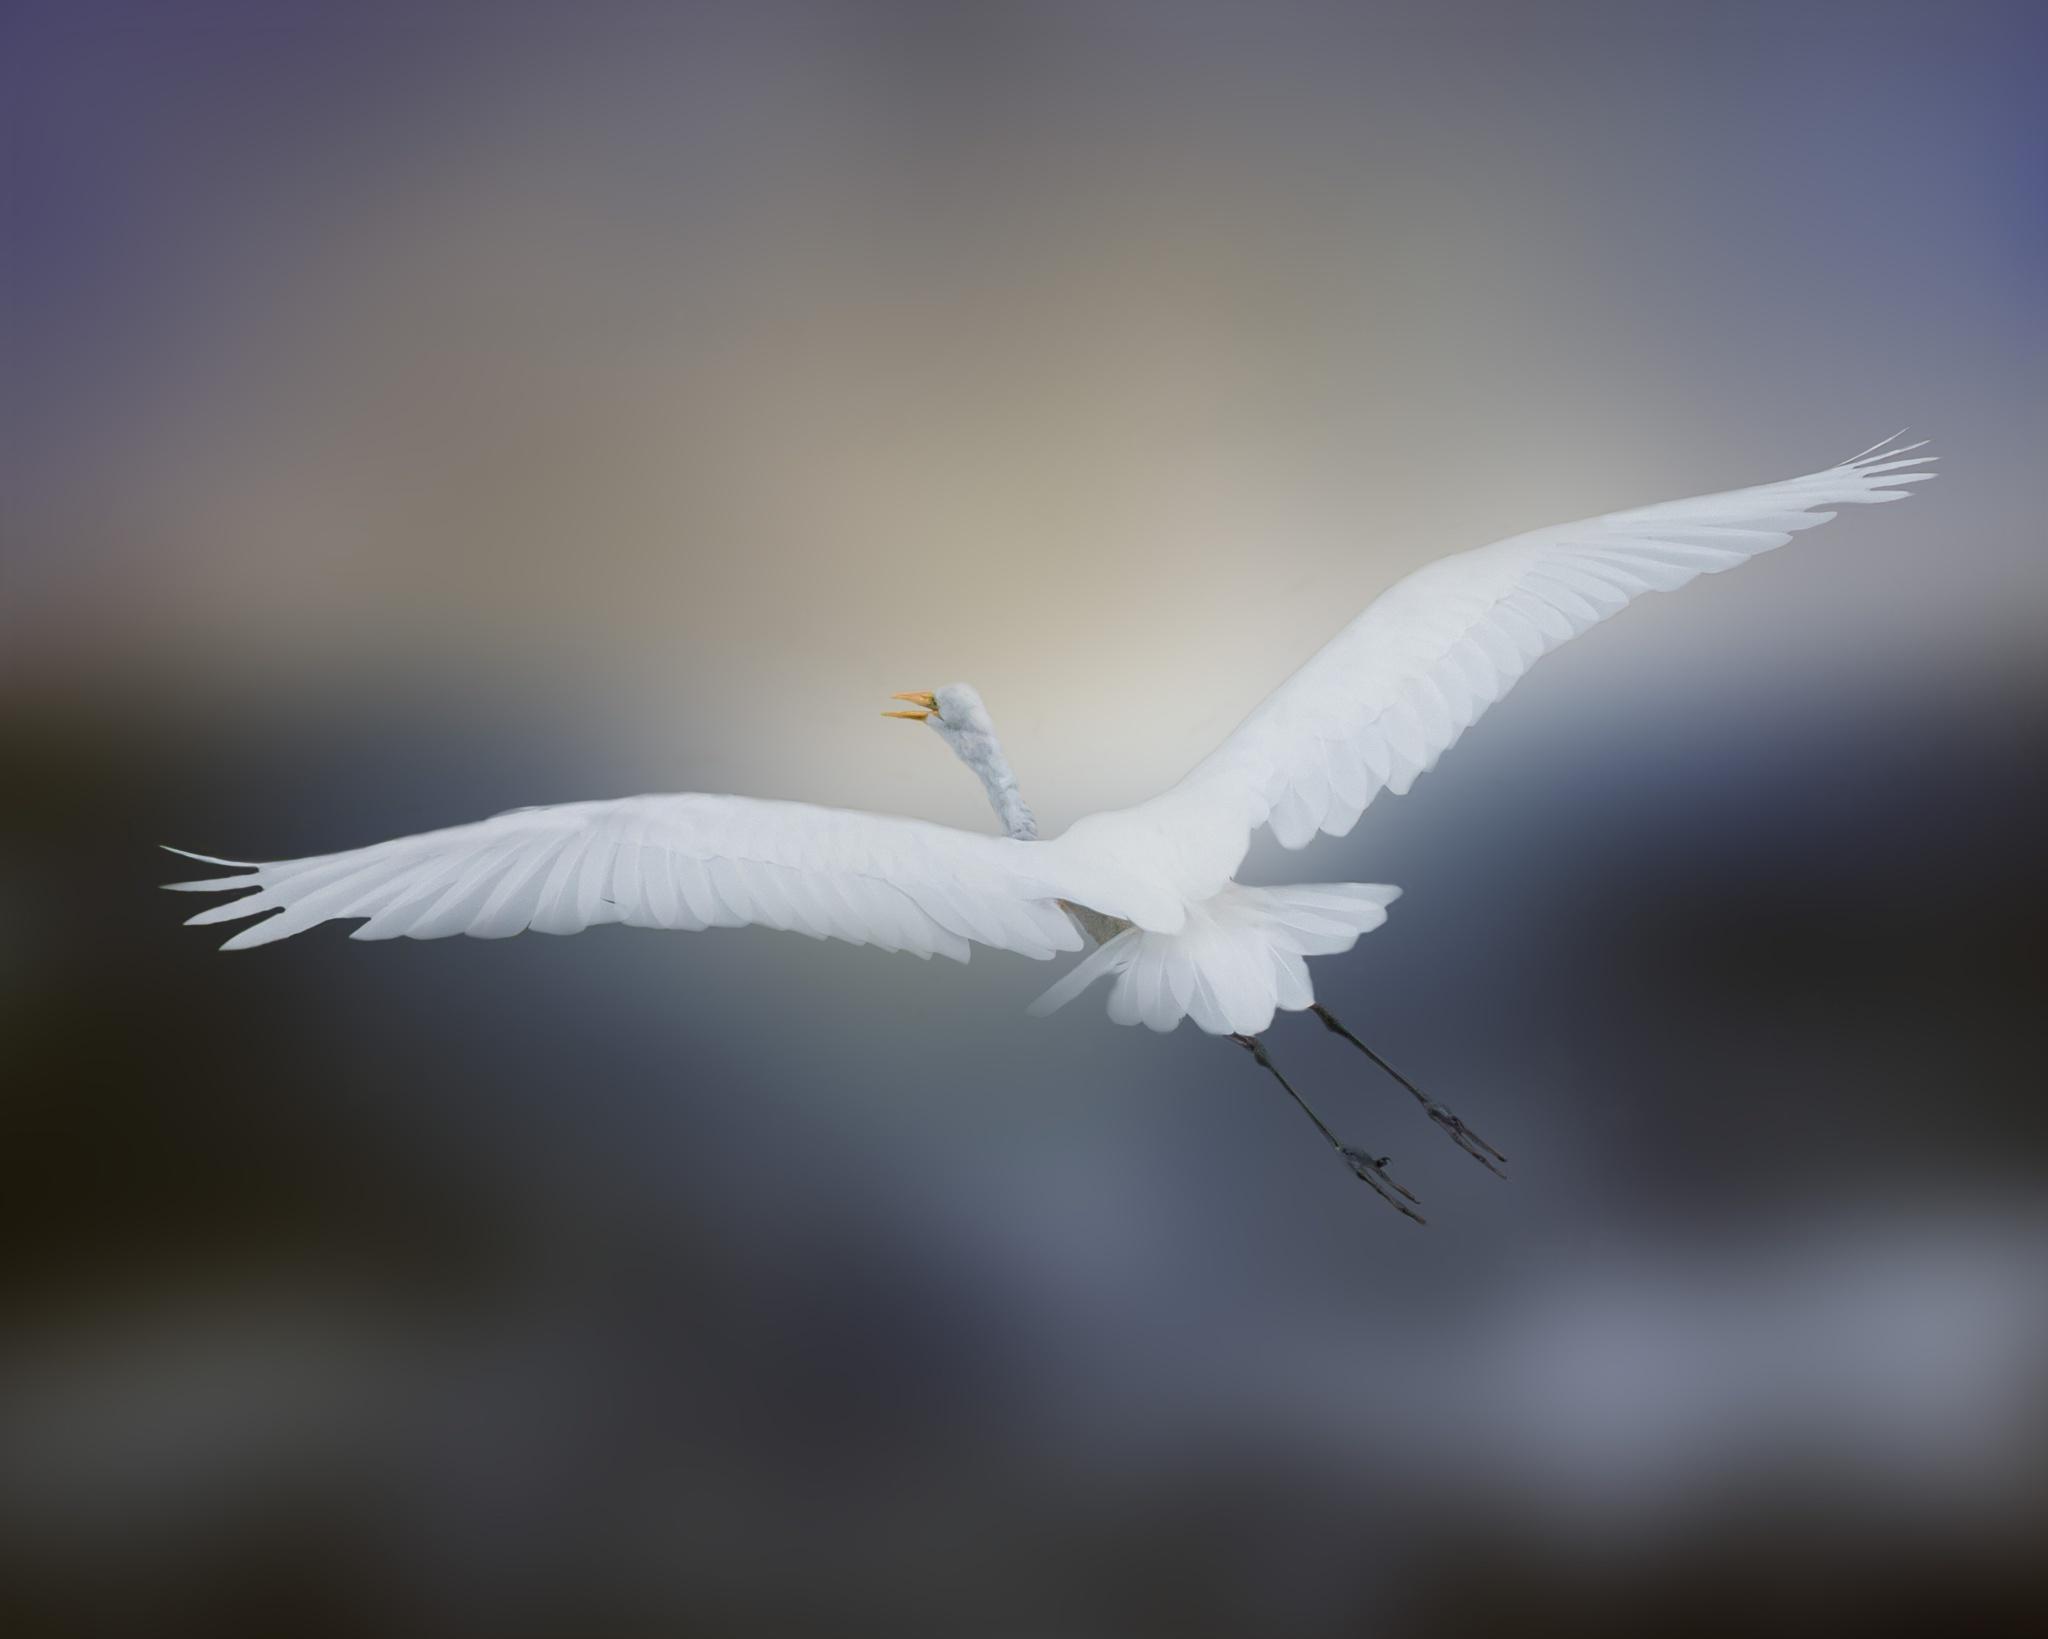 Great Egret in flight by Cherbeni